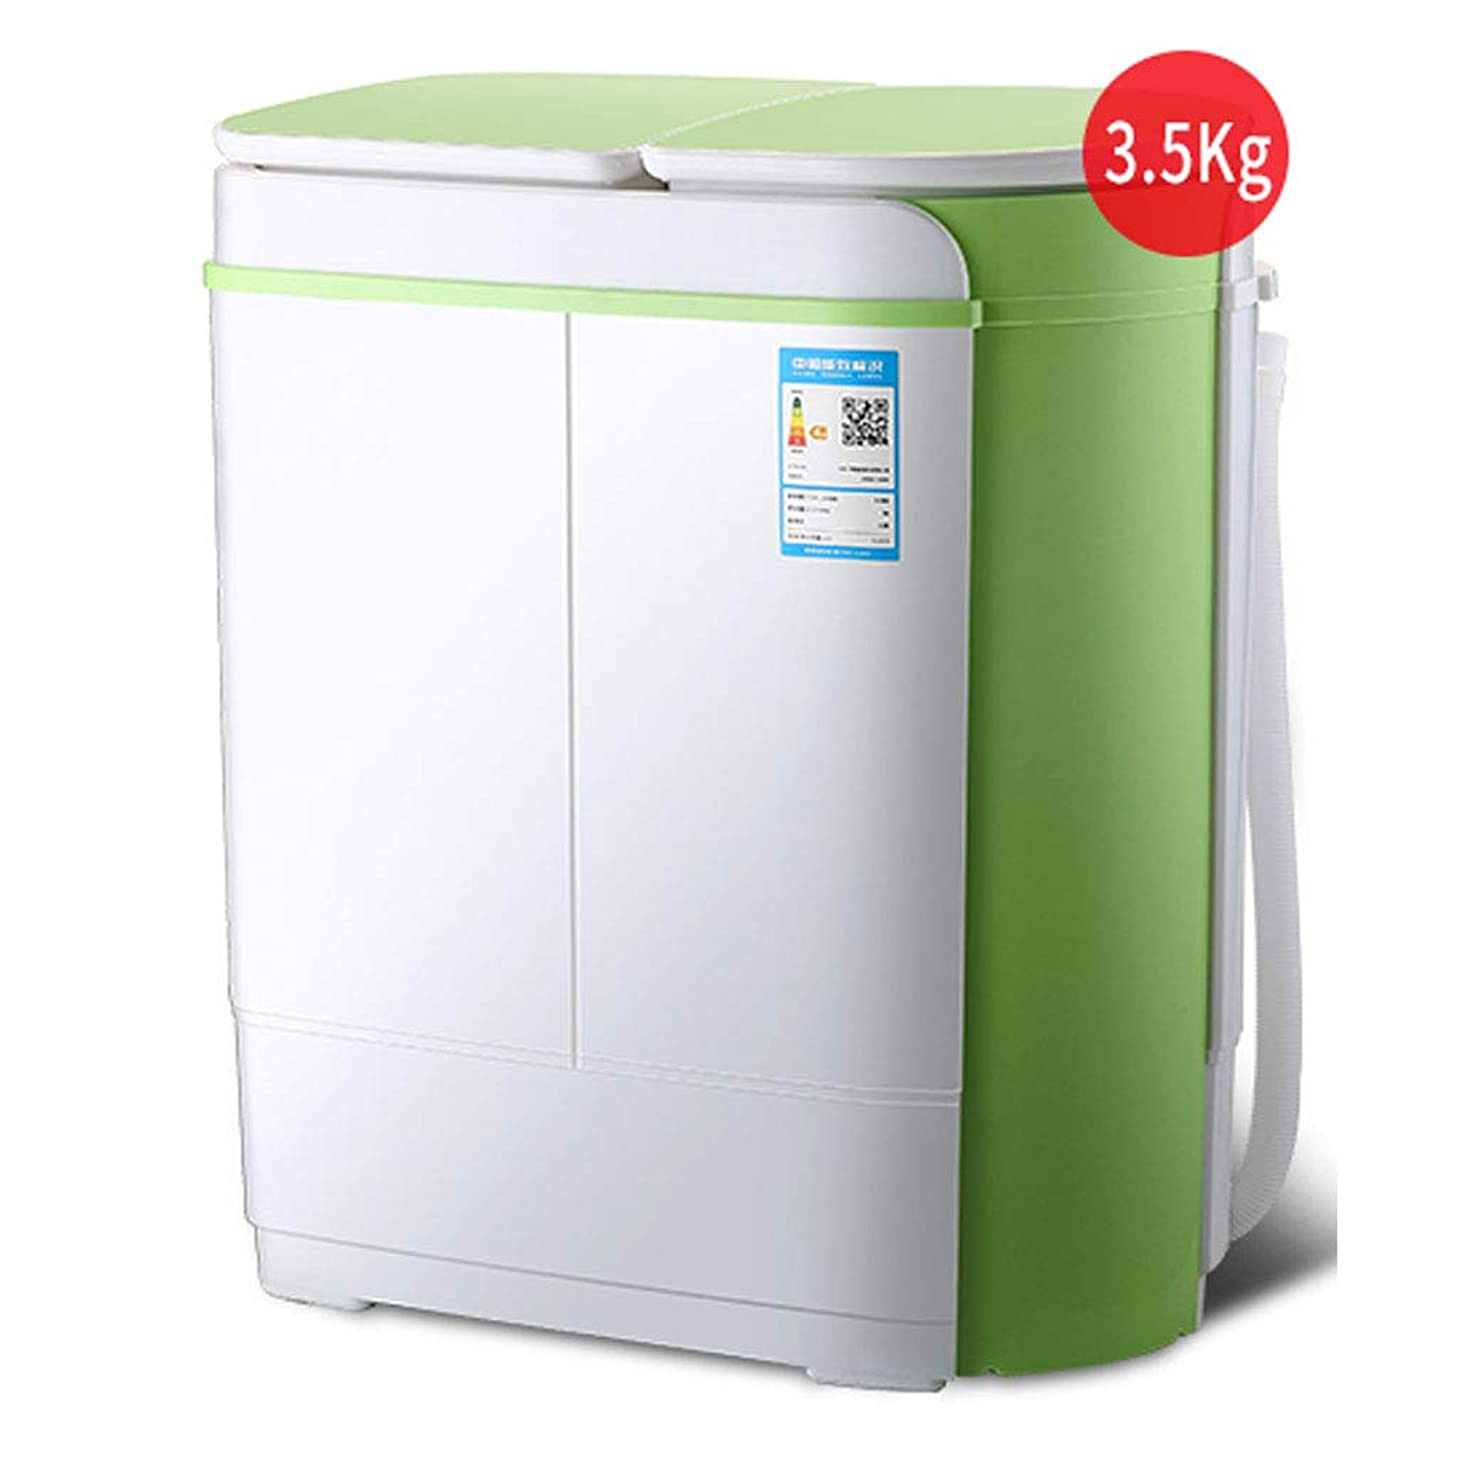 製作シビック不均一小型洗濯機小型ダブルタブポータブル洗濯機および回転式乾燥機2.5KG / 5.5Lbs洗濯能力ブルーレイUV静菌アパート寮コンパクトで耐久性